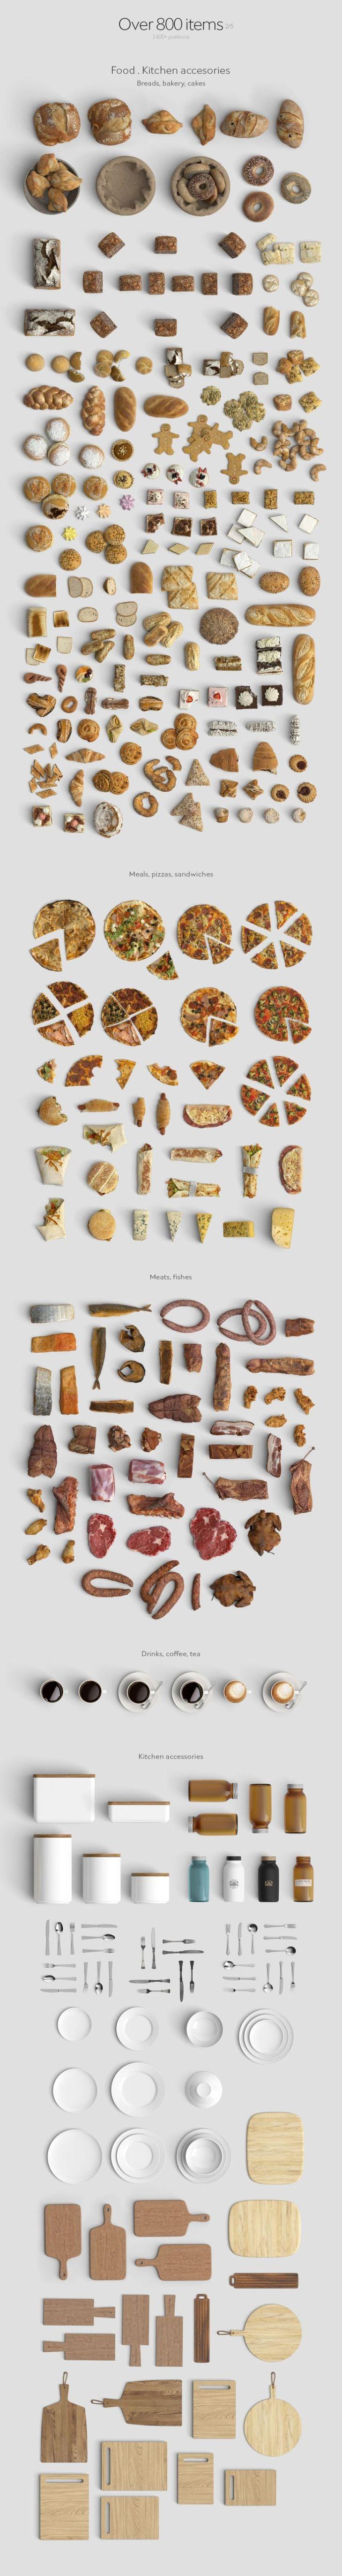 best Bakery images on Pinterest